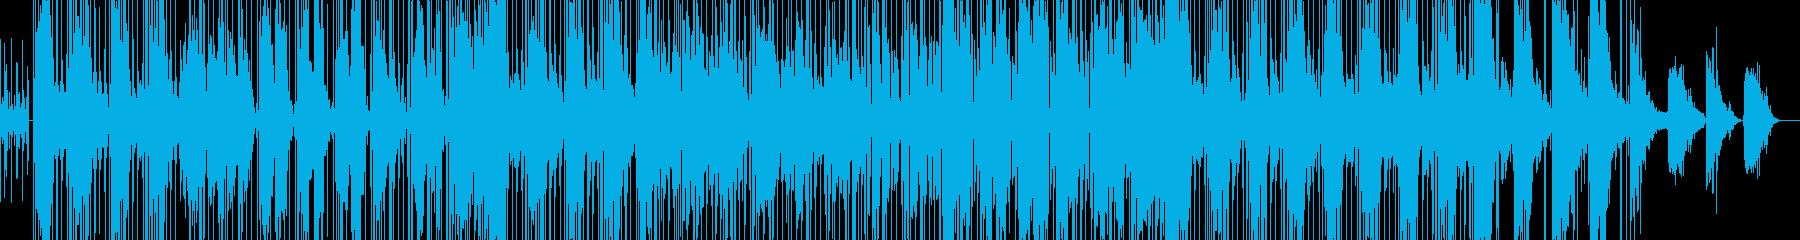 切ないピアノHIPHOPの歌ものの再生済みの波形